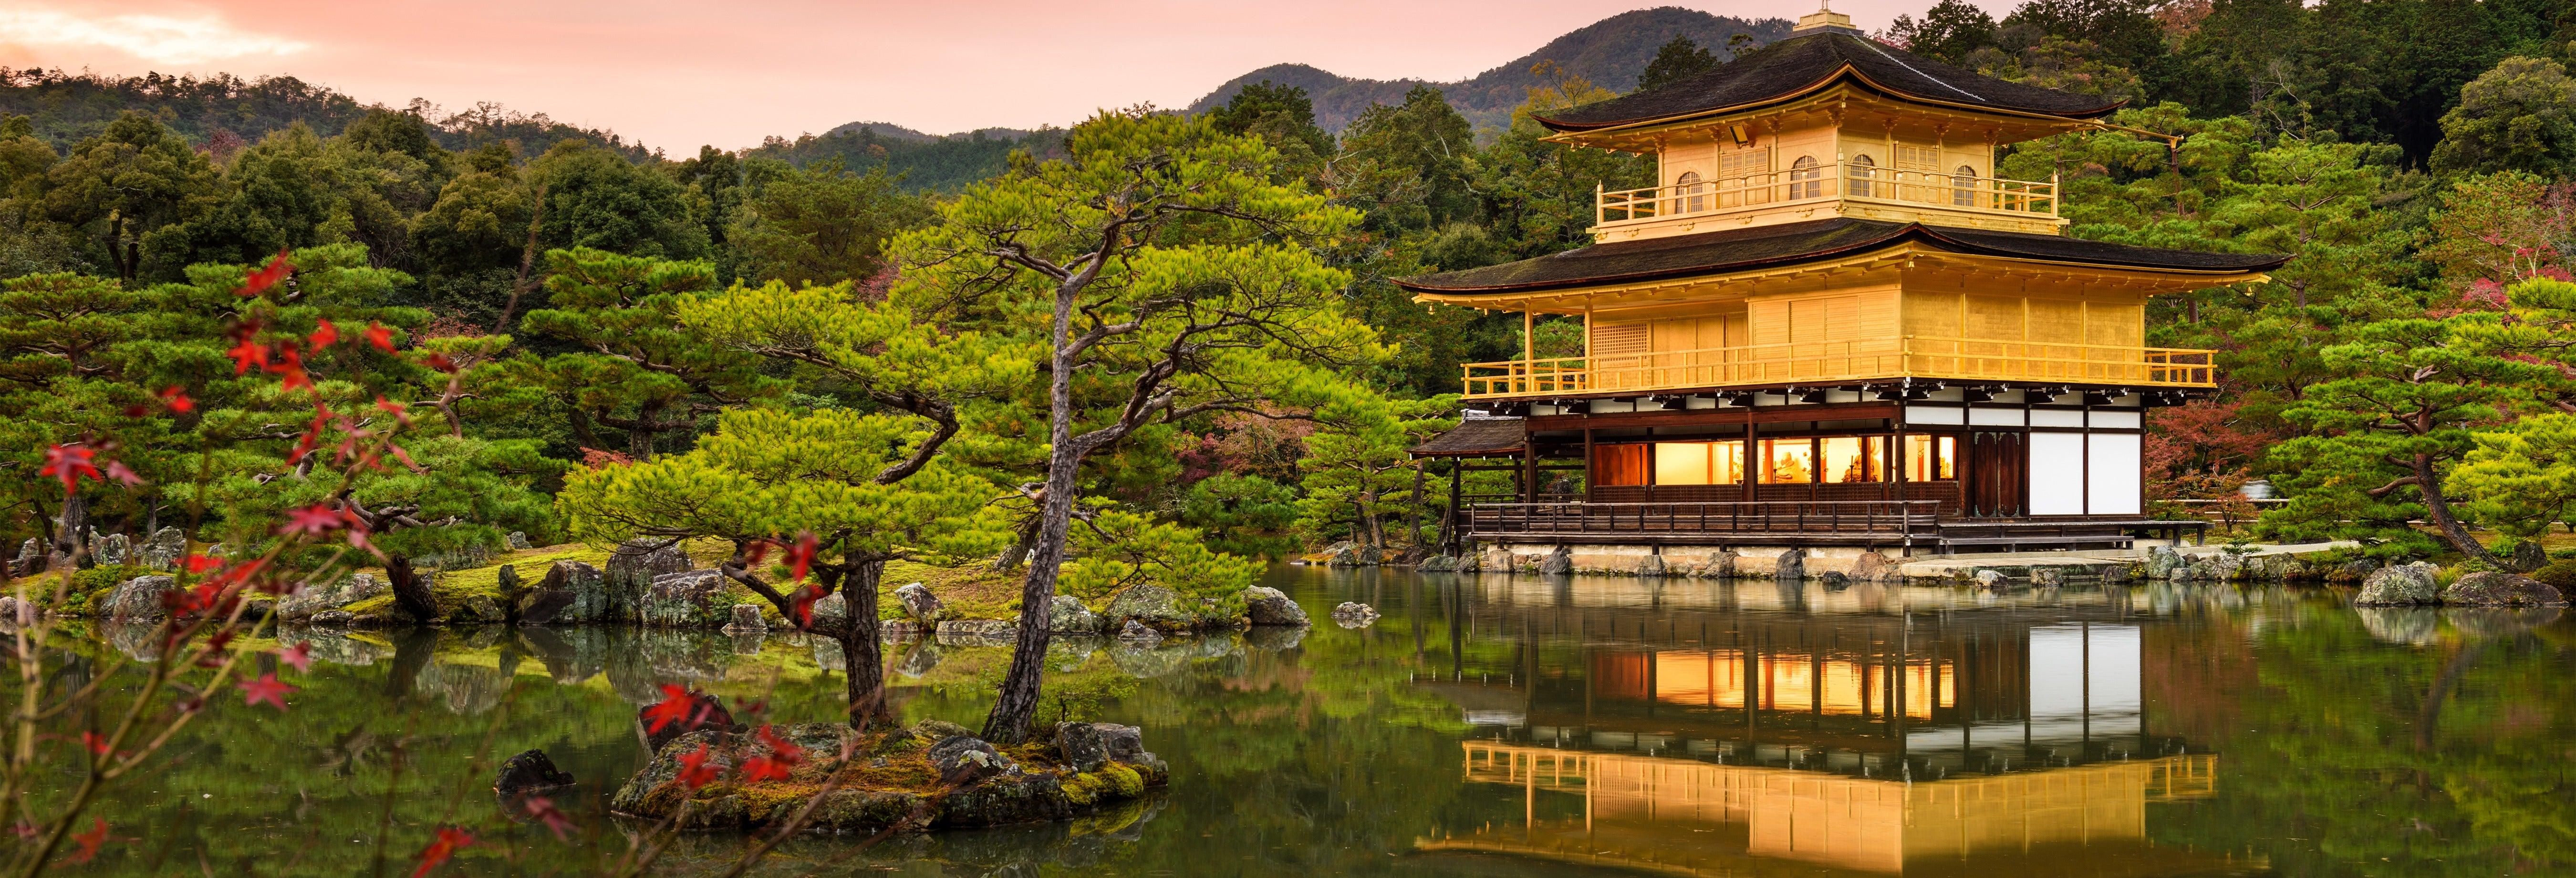 Excursión a Kioto